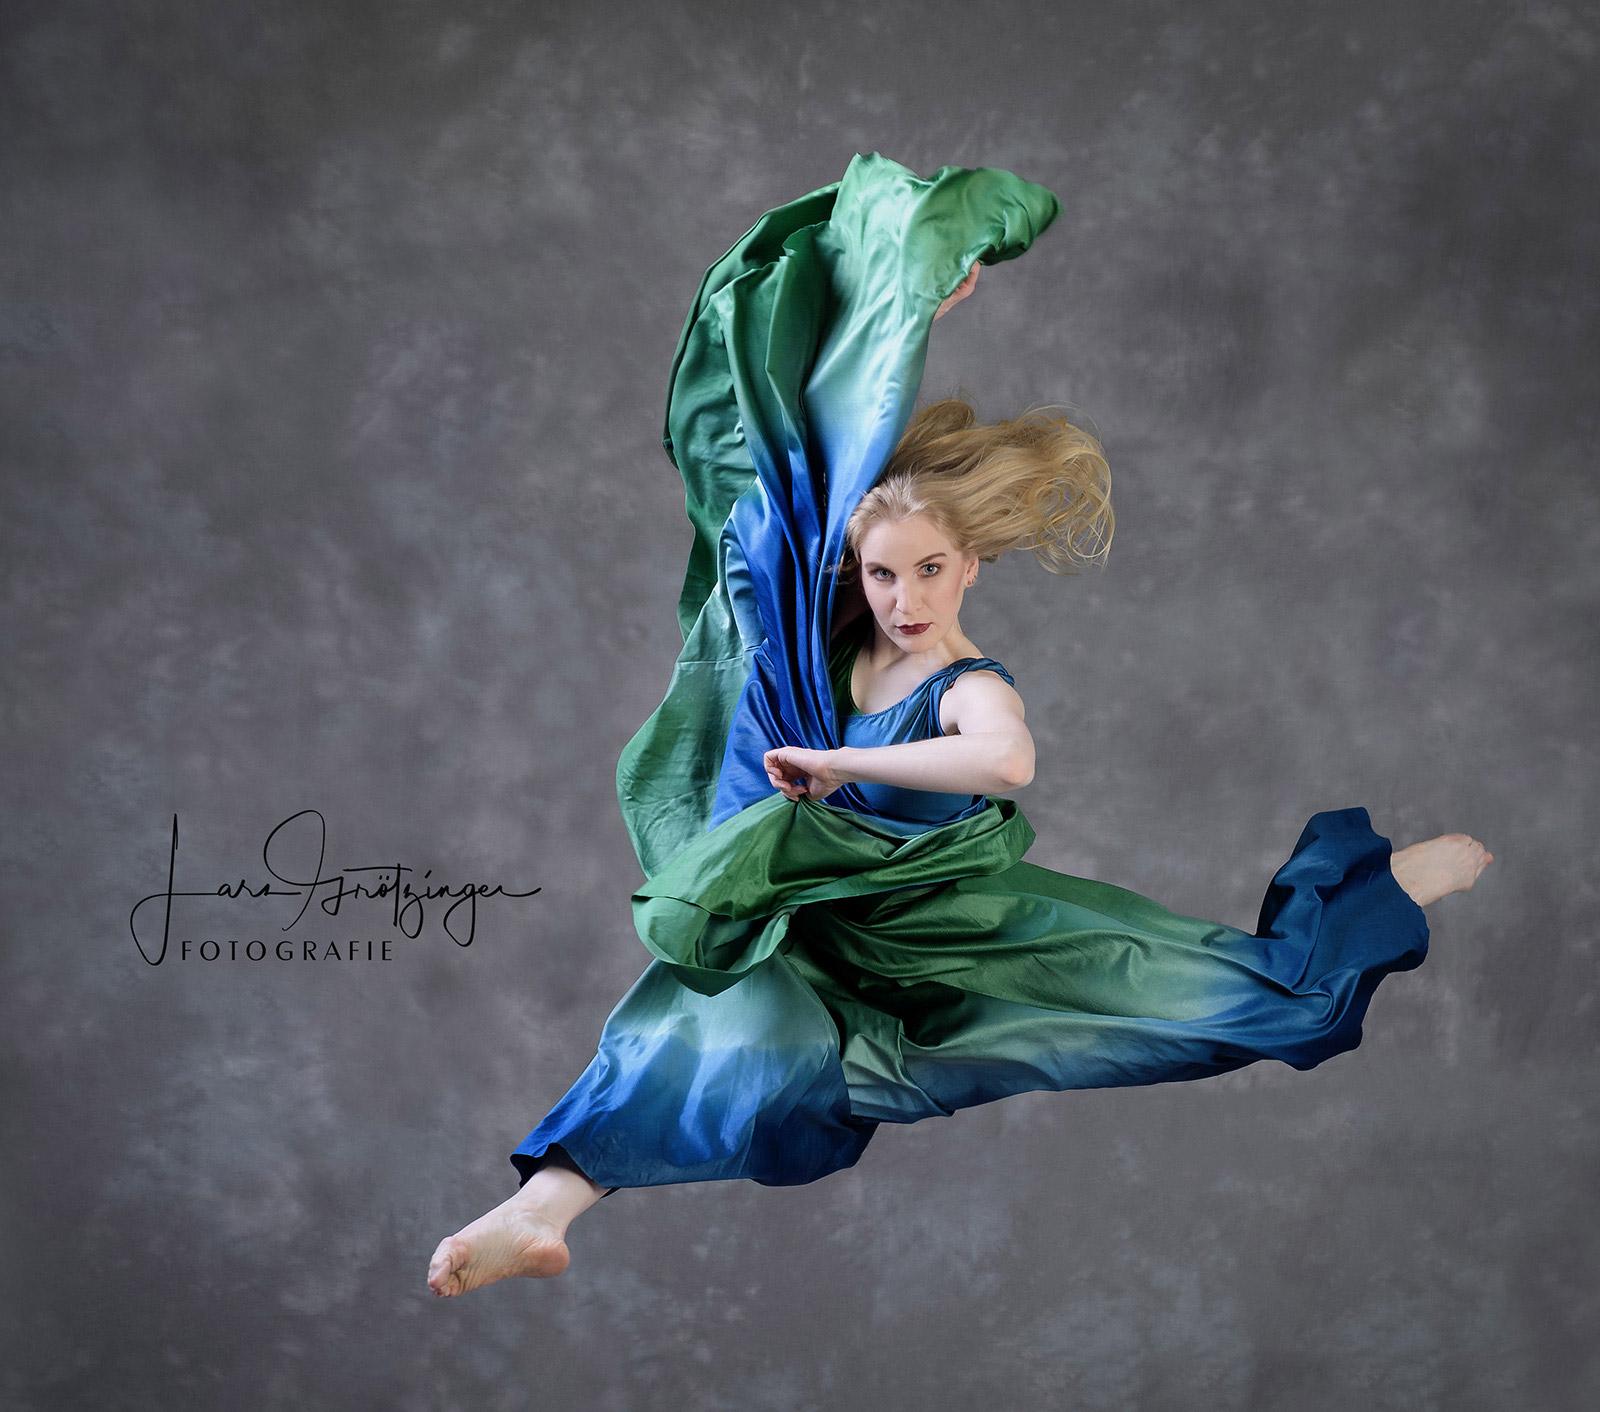 Dance, Dancers, Tanz, Studioshooting